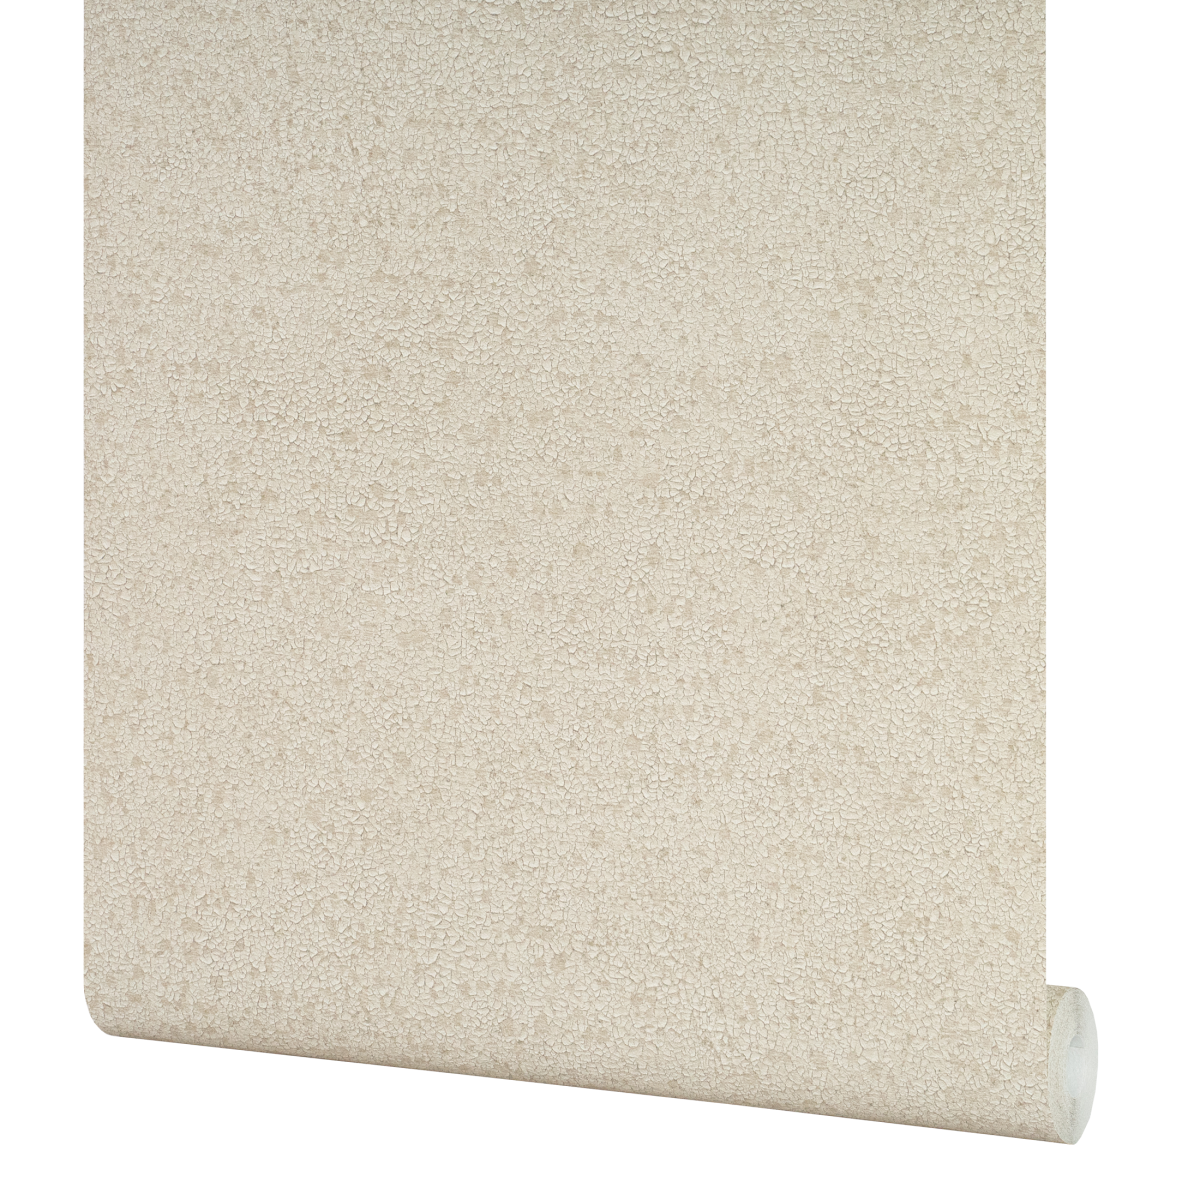 Обои флизелиновые Dekens Wallcoverings Nv серые 100061 0.53 м